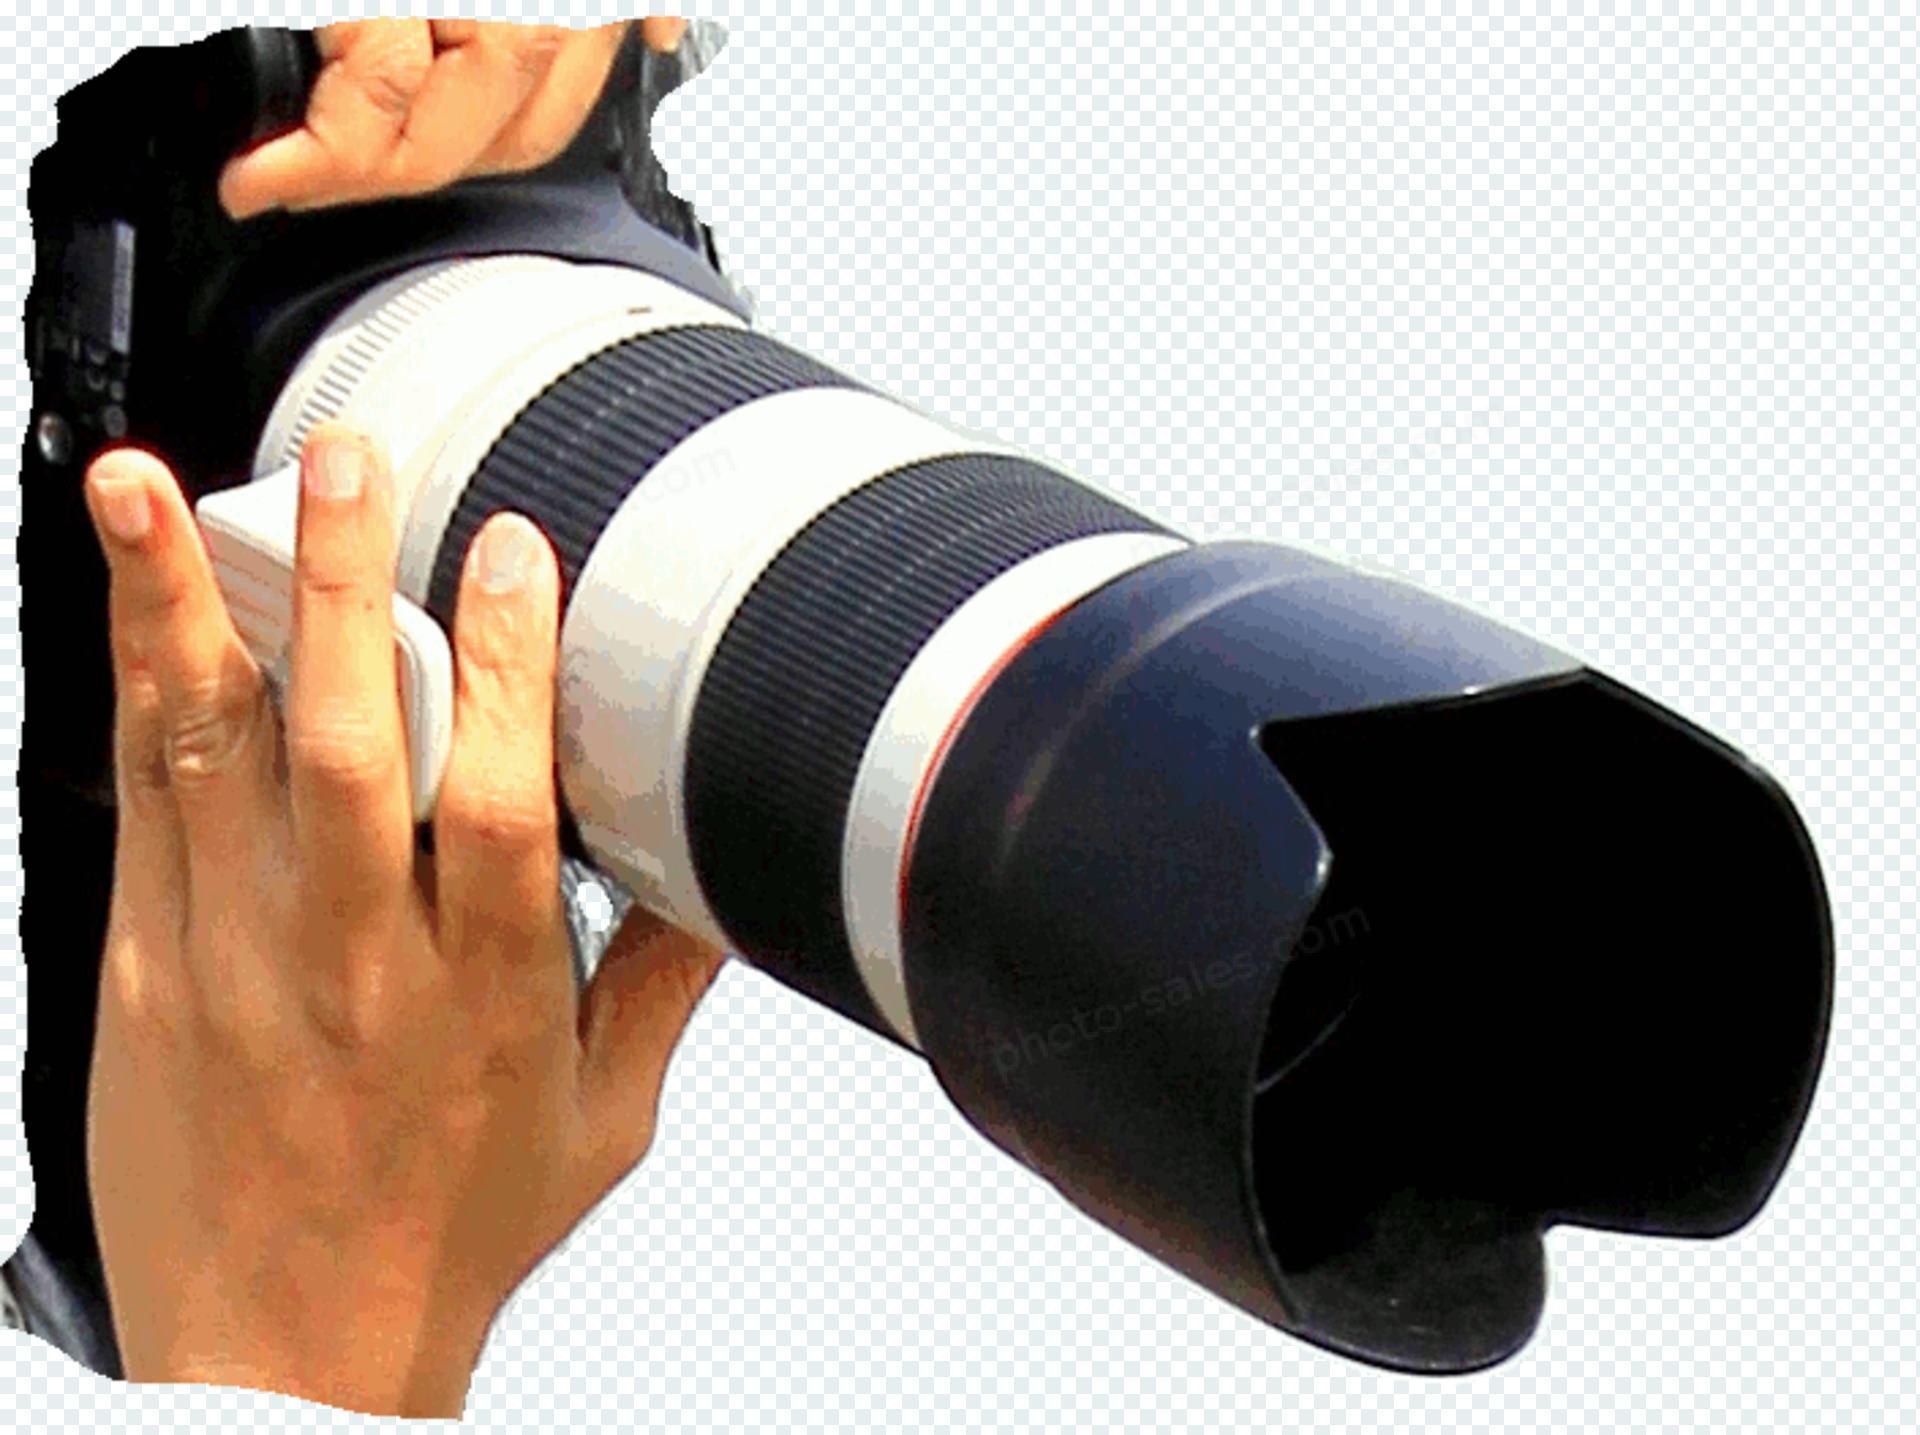 ہاتھوں میں بڑے لینس، شفافیت کے ساتھ کیمرے – GIF